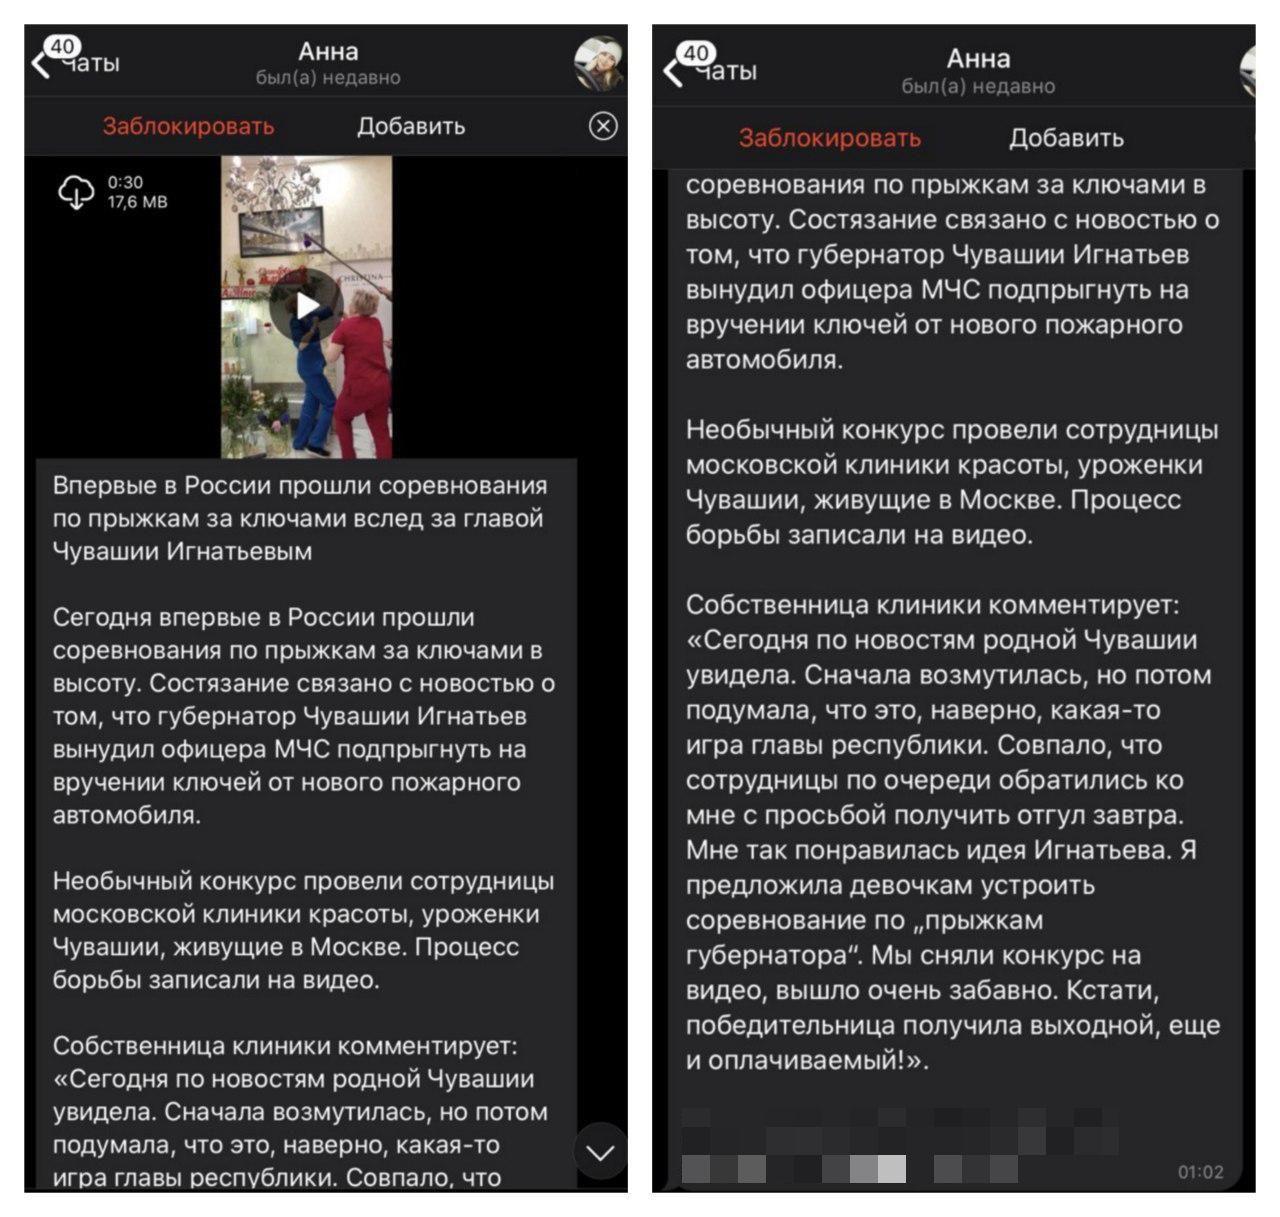 История с главой Чувашии Михаилом Игнатьевым и прыжком за ключами получила неожиданное продолжение